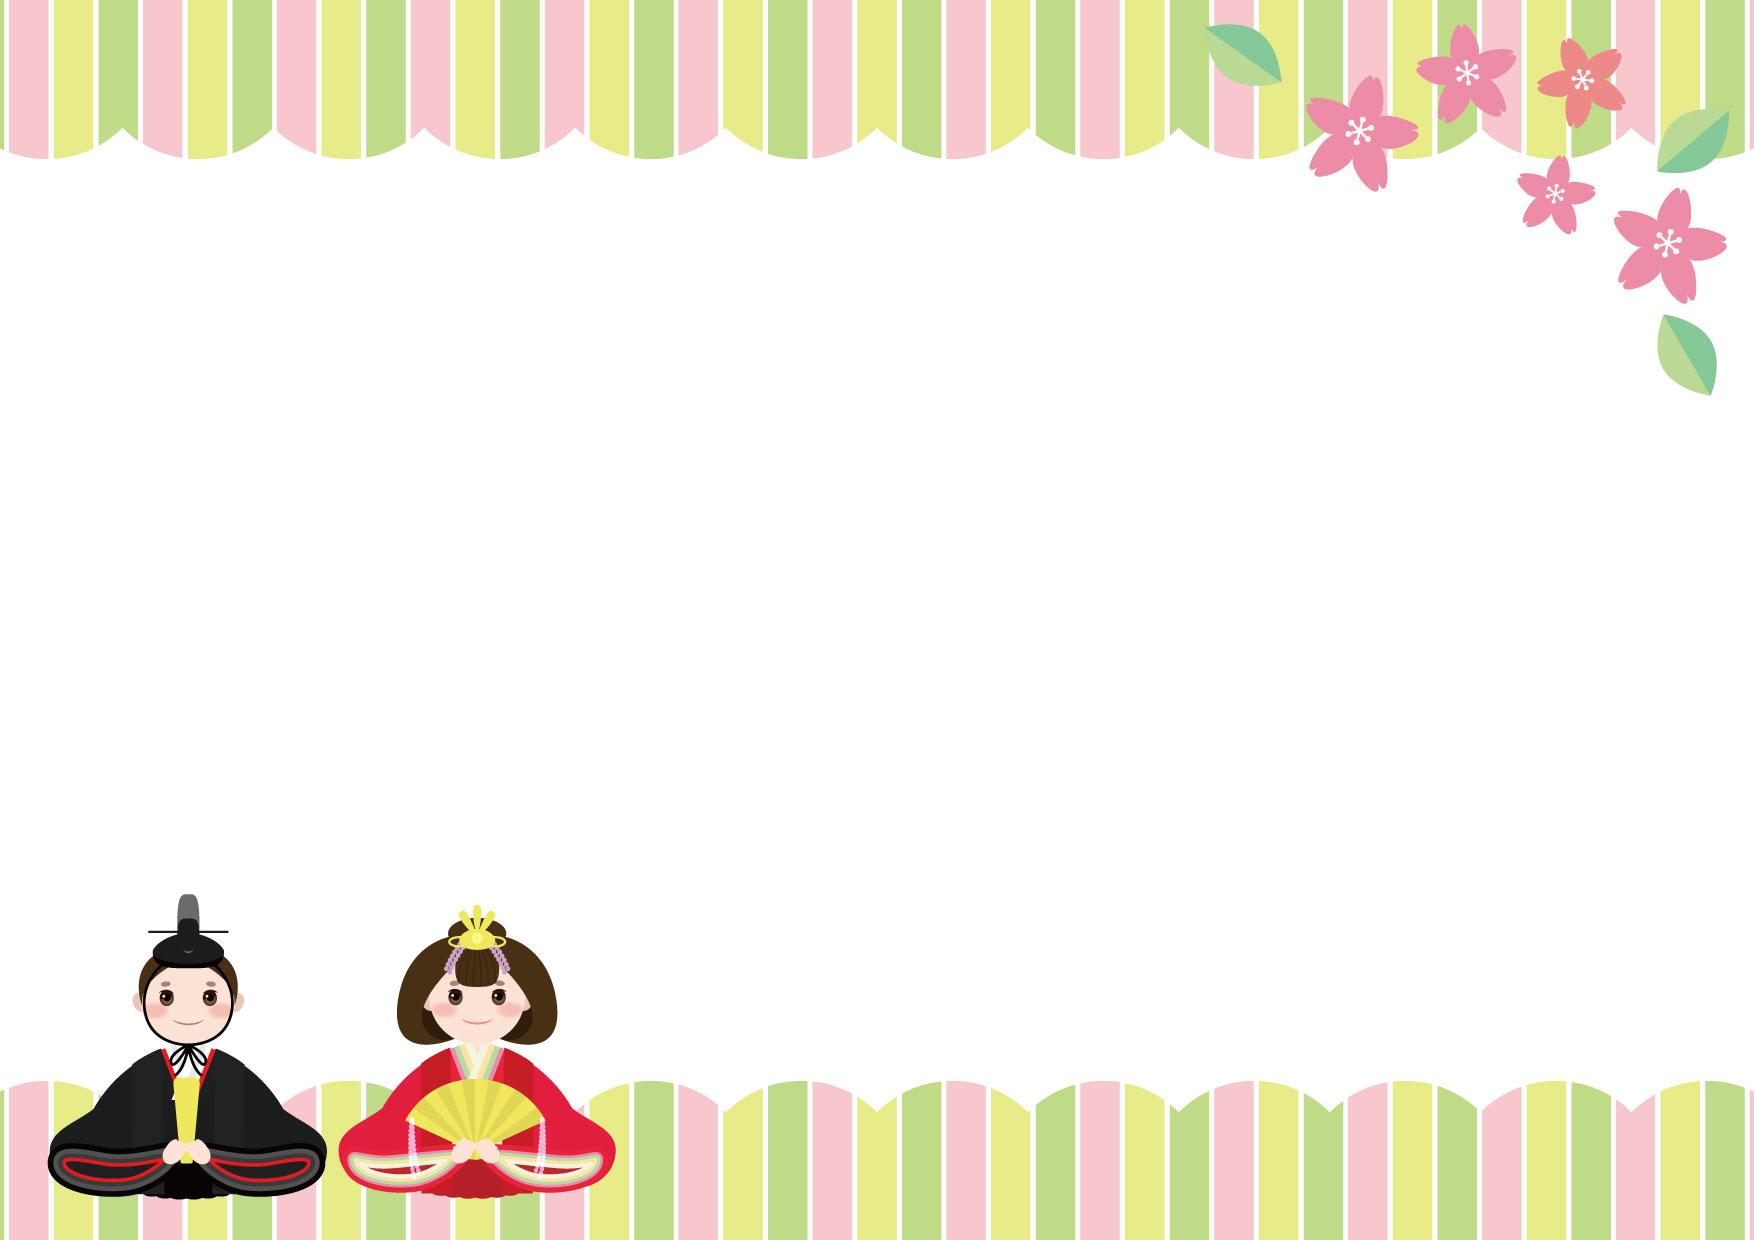 可愛いイラスト無料|ひな祭り 背景 − free illustration Hinamatsuri background